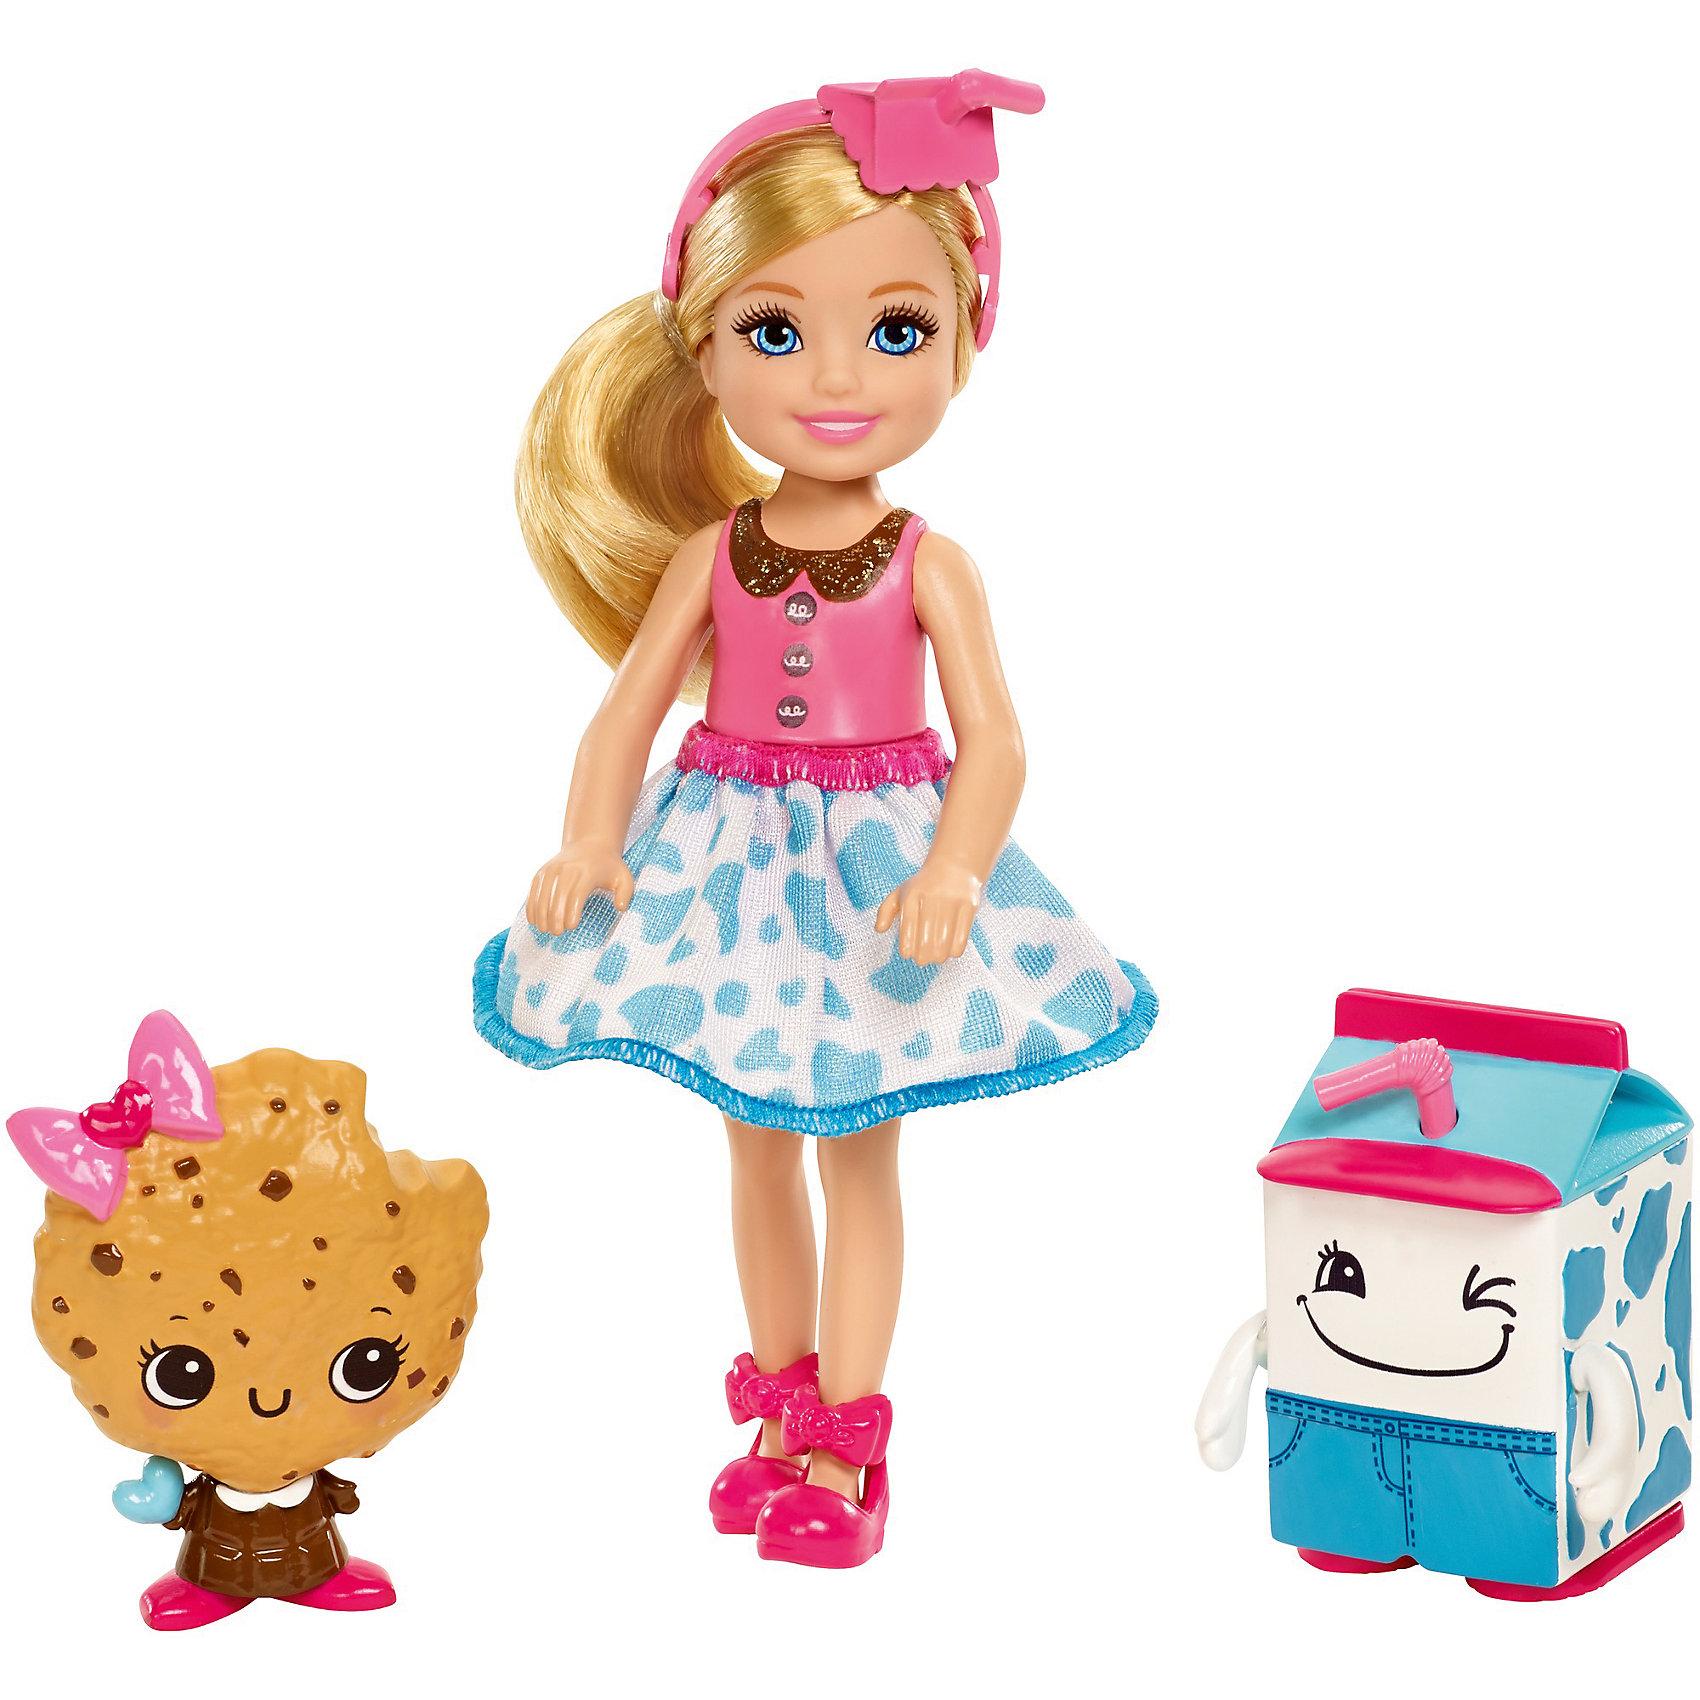 Кукла Barbie Челси и сладостиКуклы-модели<br>Характеристики товара:<br><br>• возраст: от 3 лет<br>• материал: пластик;<br>• высота куклы: 11-13 см;<br>• размер упаковки: 16X16X6 см;<br>• страна бренда: США<br>• страна изготовоитель: Китай<br><br>Очаровательная кукла Chelsea™ из королевства Сладкоград Barbie™ Dreamtopia еще милее, когда рядом друзья из страны сладостей. Кукла Chelsea™ с друзьями молоком и?печеньем носит на голове повязку, стилизованную под коробку молока, а?воротничок ее наряда похож на шоколадку. <br><br>Куклу Barbie Челси и сладости можно купить в нашем интернет-магазине.<br><br>Ширина мм: 160<br>Глубина мм: 45<br>Высота мм: 165<br>Вес г: 192<br>Возраст от месяцев: 36<br>Возраст до месяцев: 2147483647<br>Пол: Женский<br>Возраст: Детский<br>SKU: 7014661